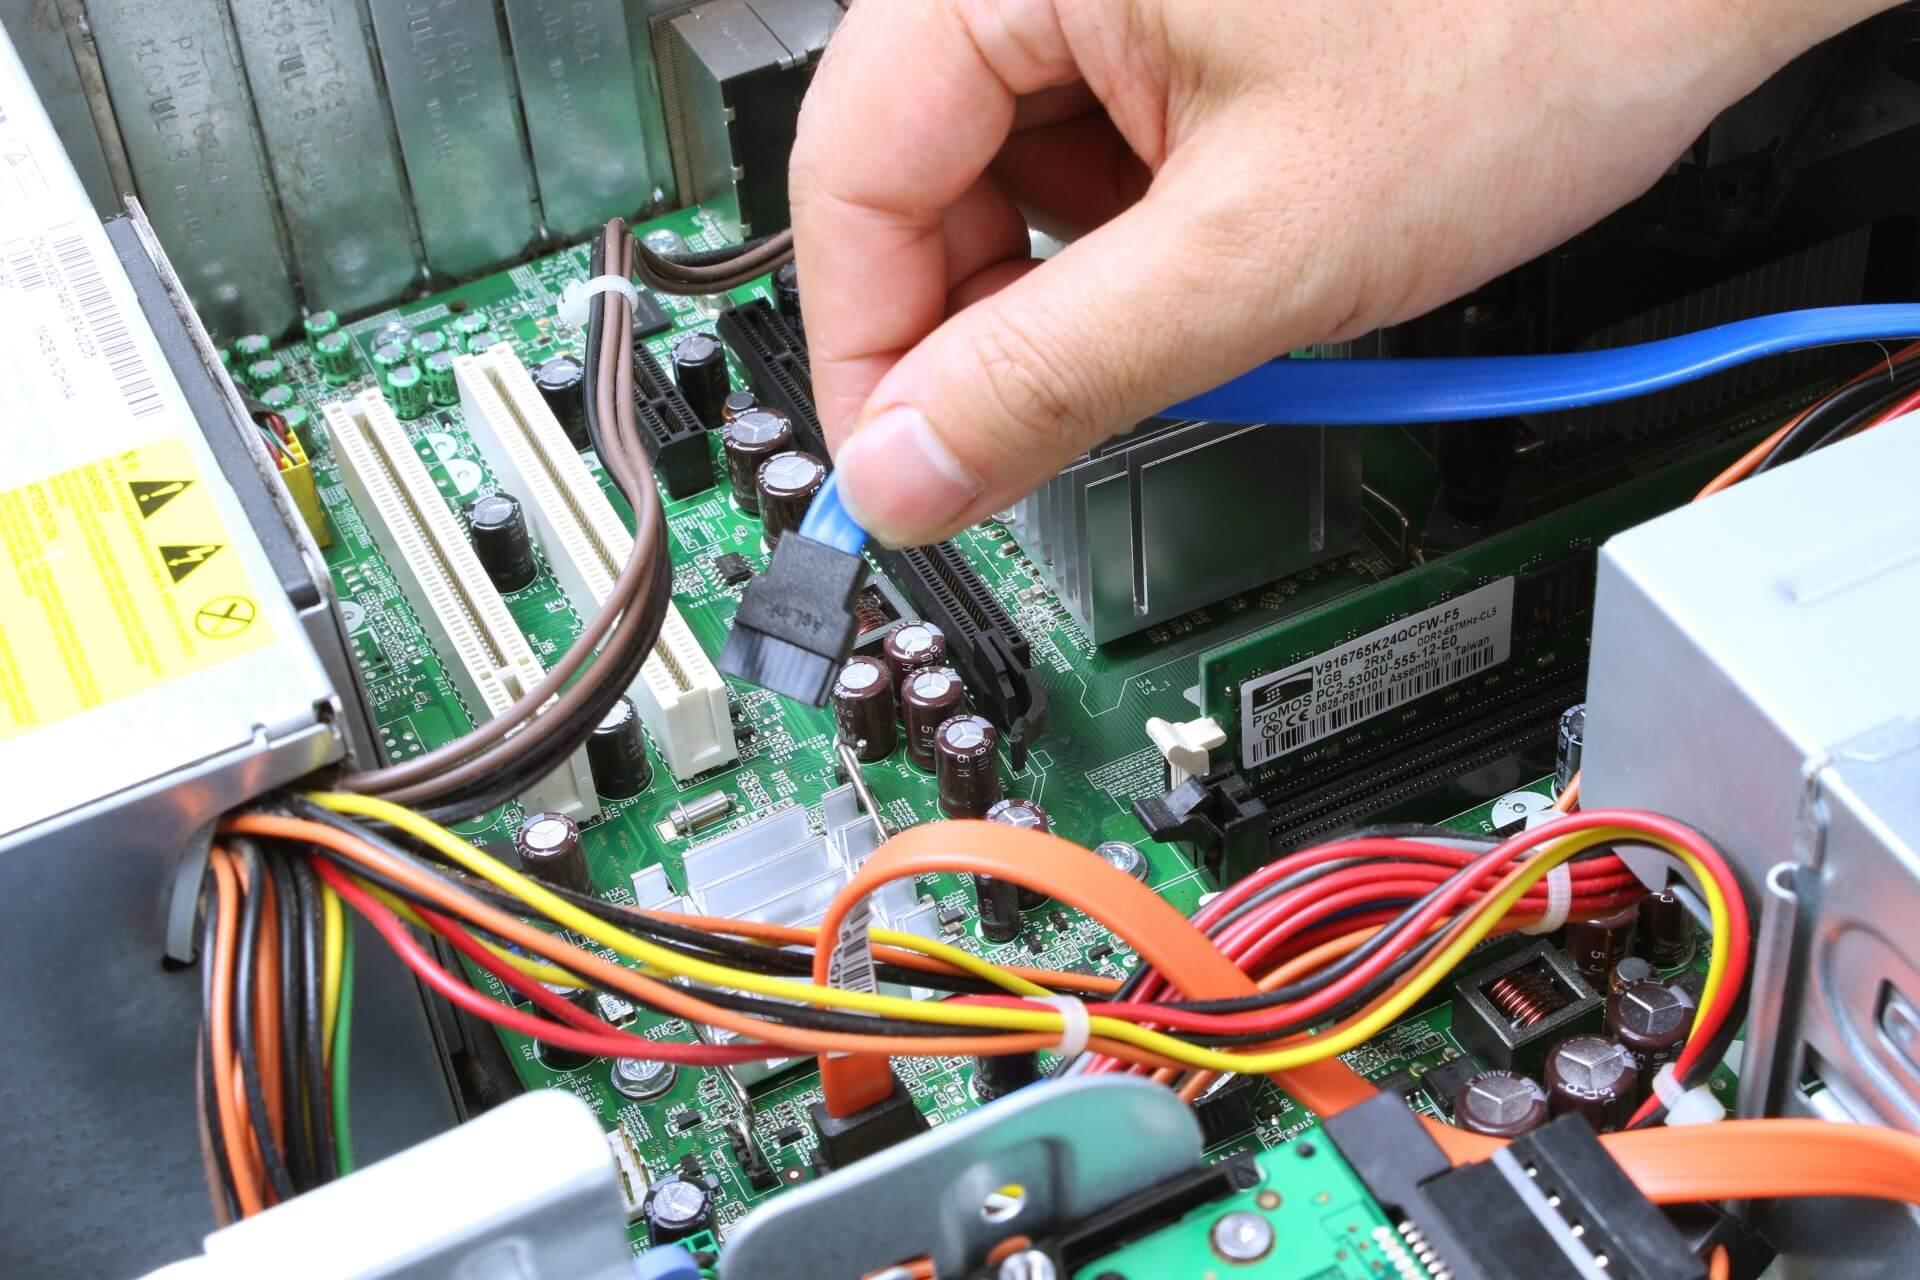 パソコン修理のおすすめはどこ?5店舗比較と優良店の6つの基準